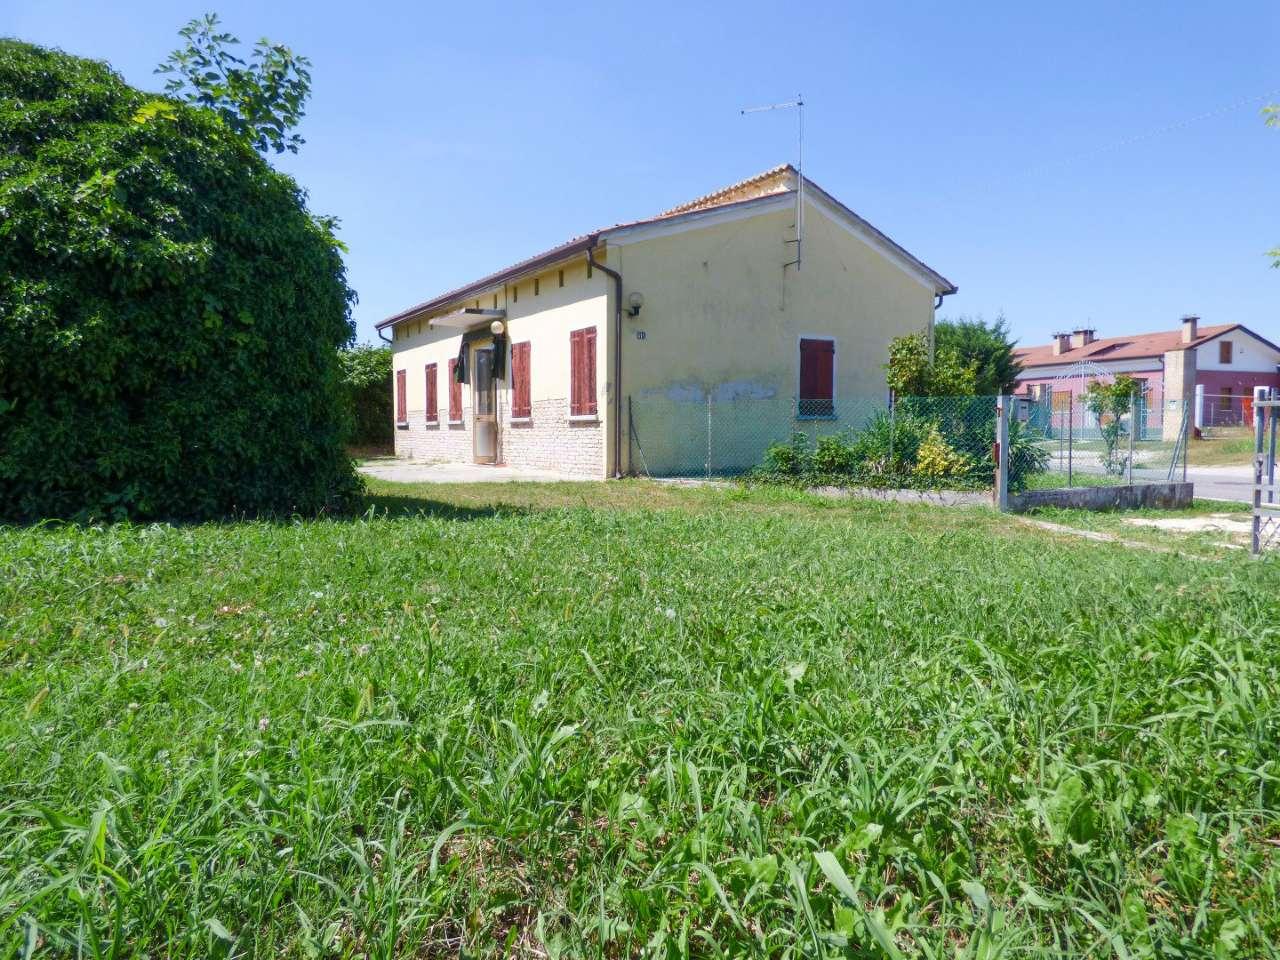 Soluzione Indipendente in vendita a Legnaro, 5 locali, prezzo € 140.000 | CambioCasa.it